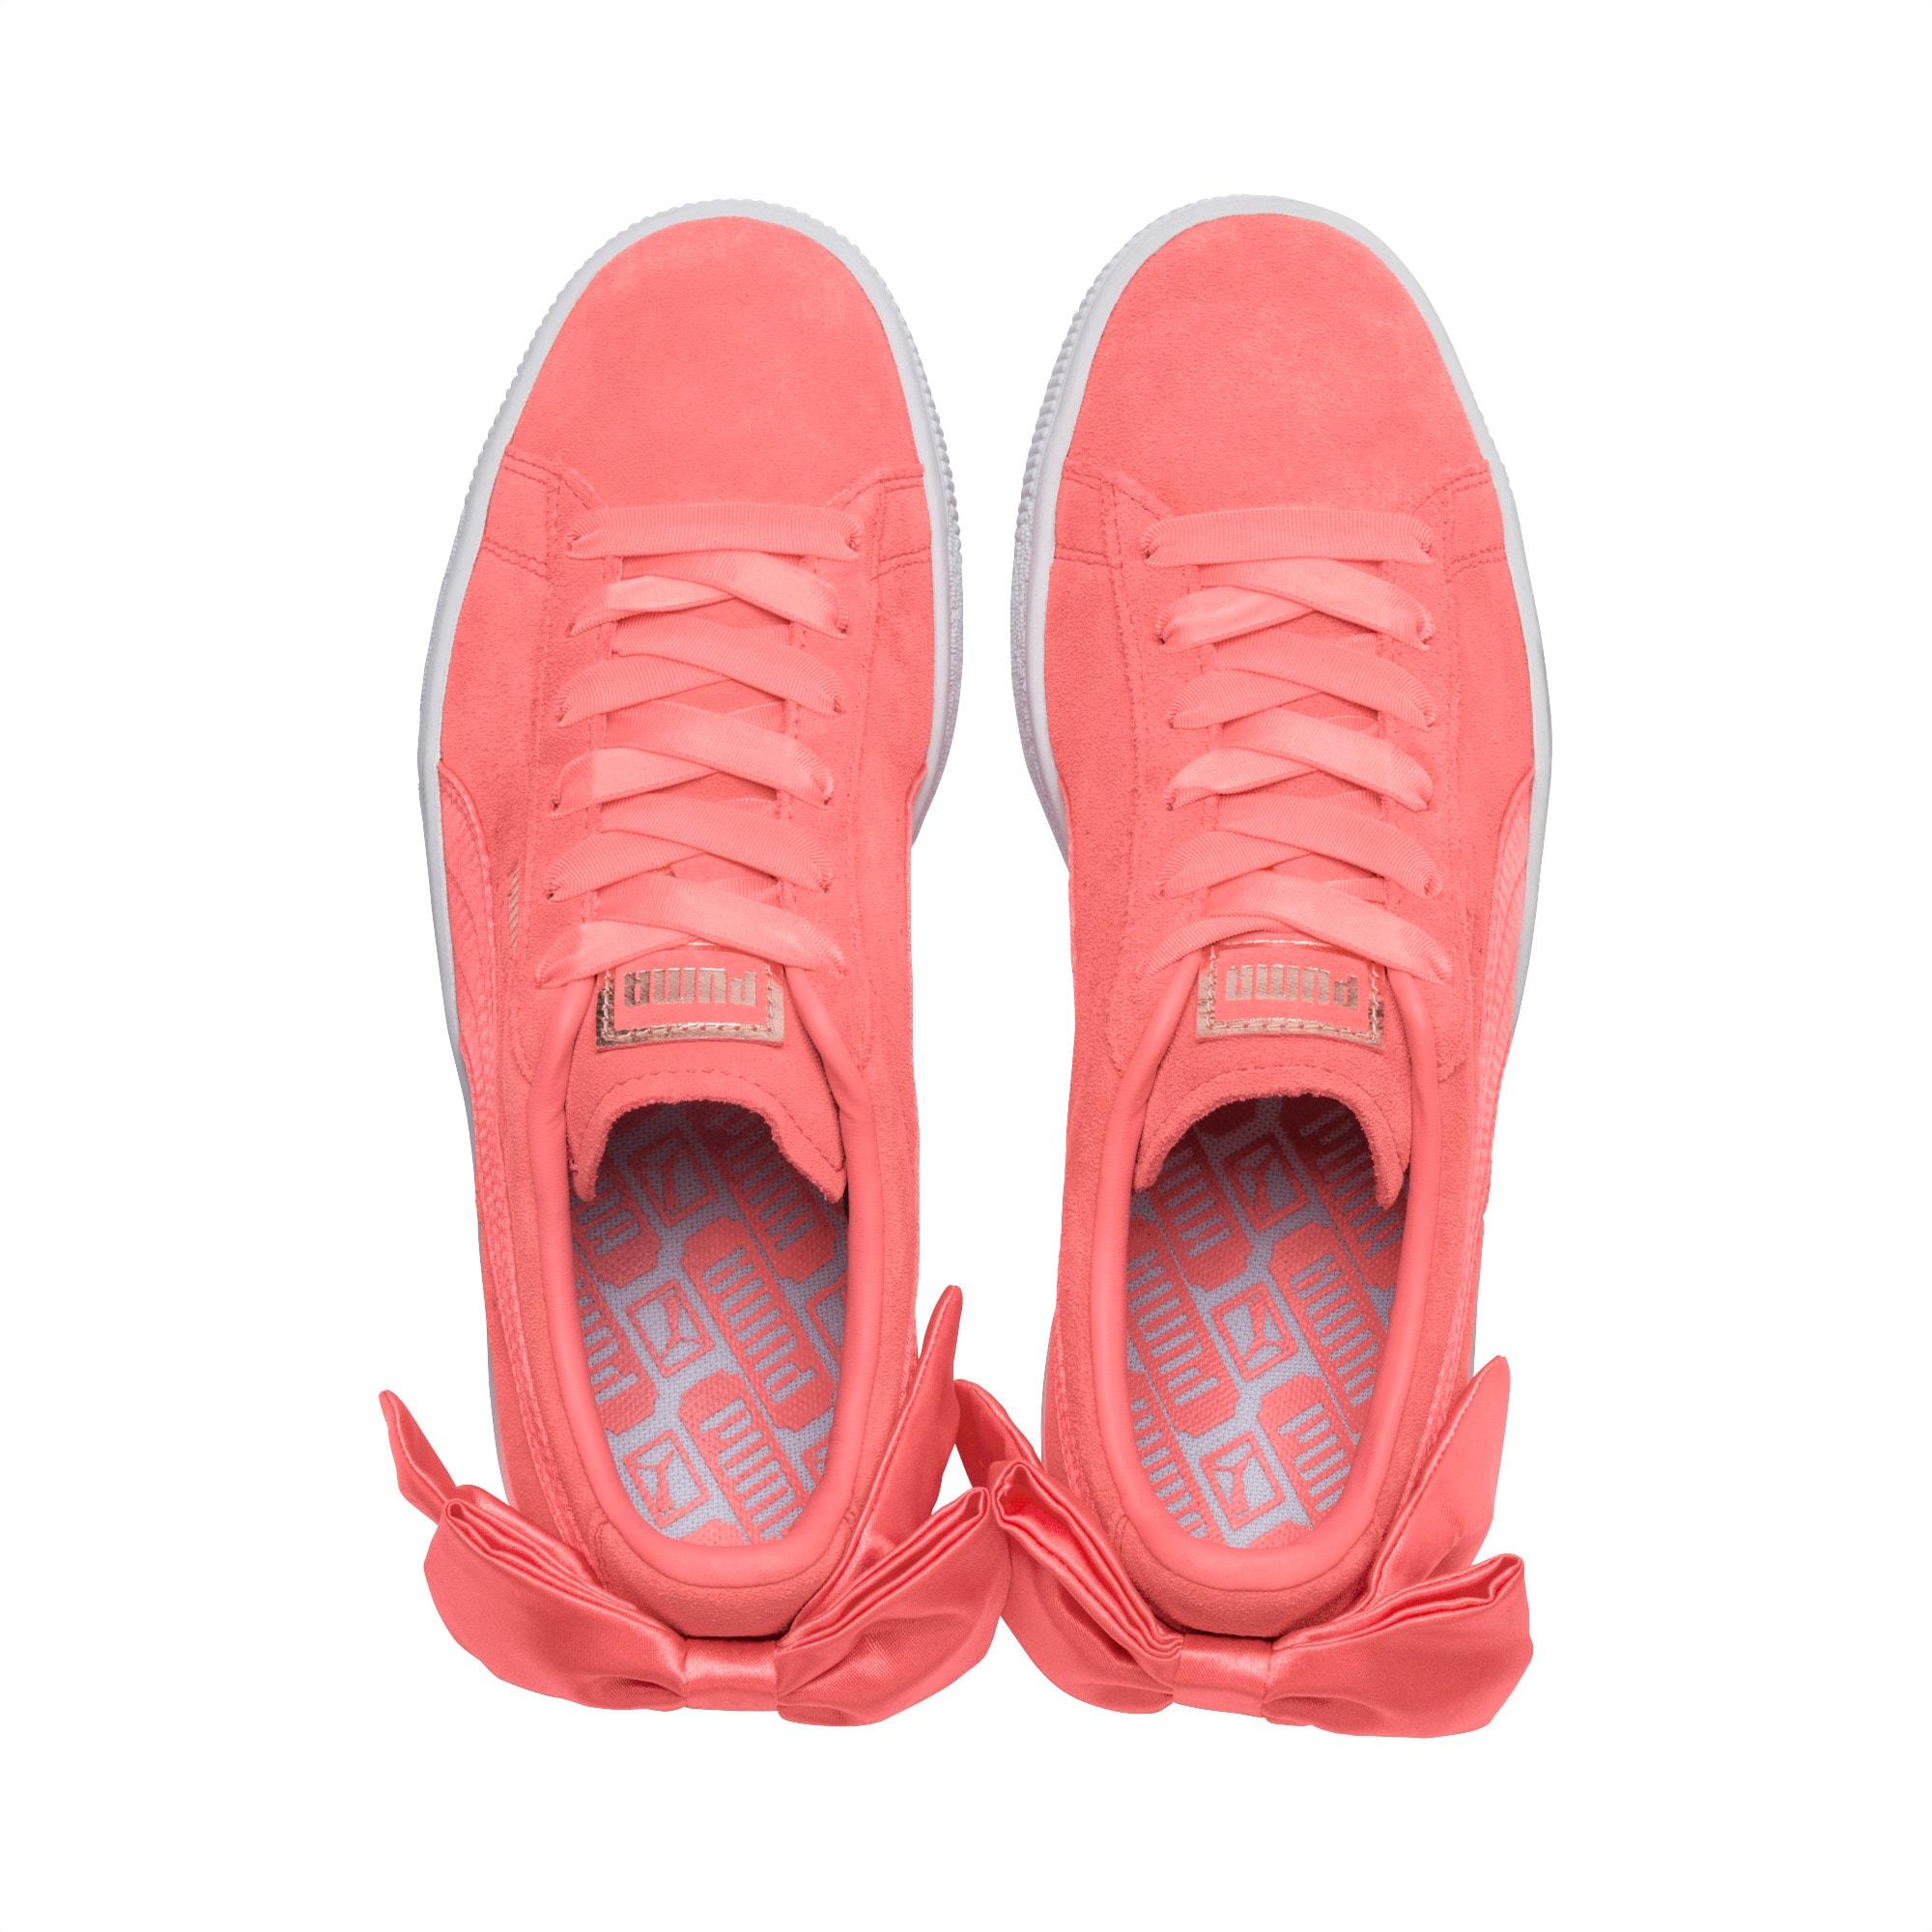 chaussure puma noeud derriere